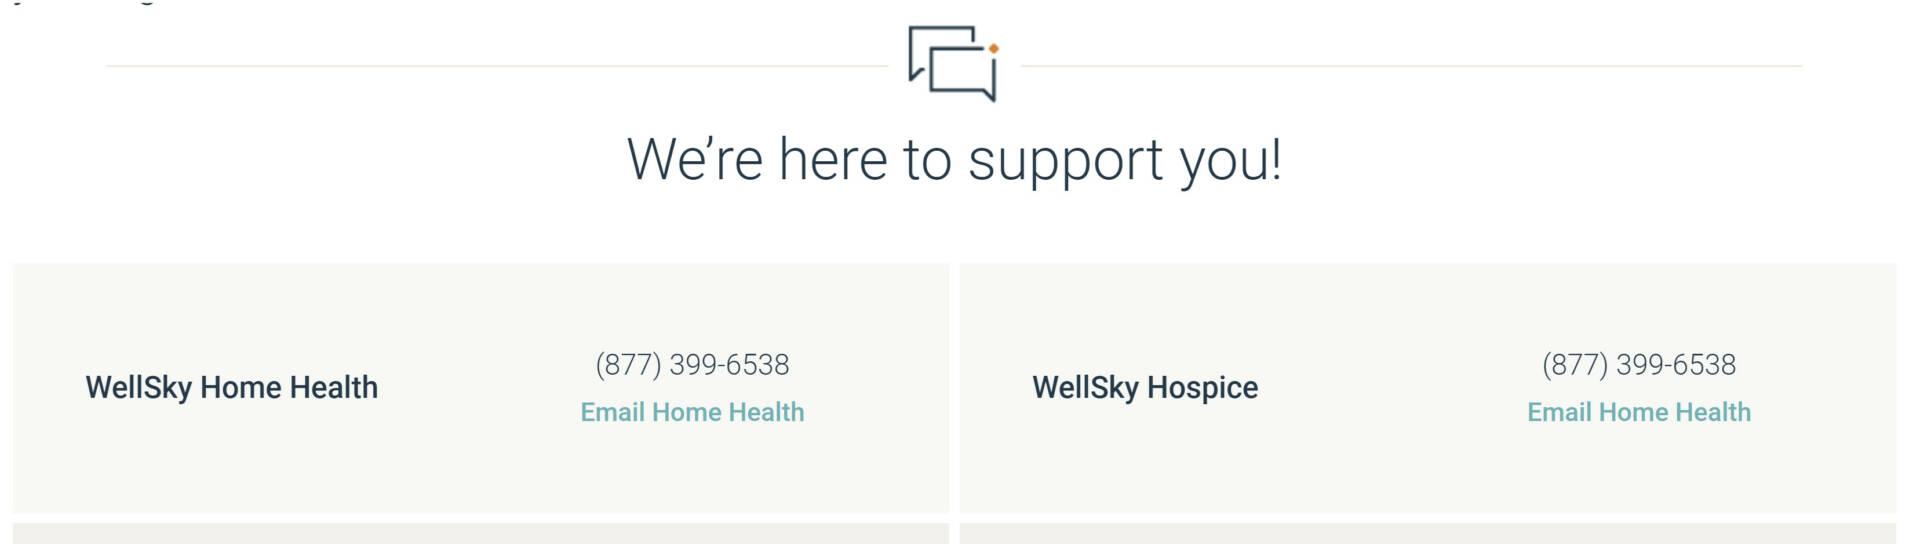 wellsky support